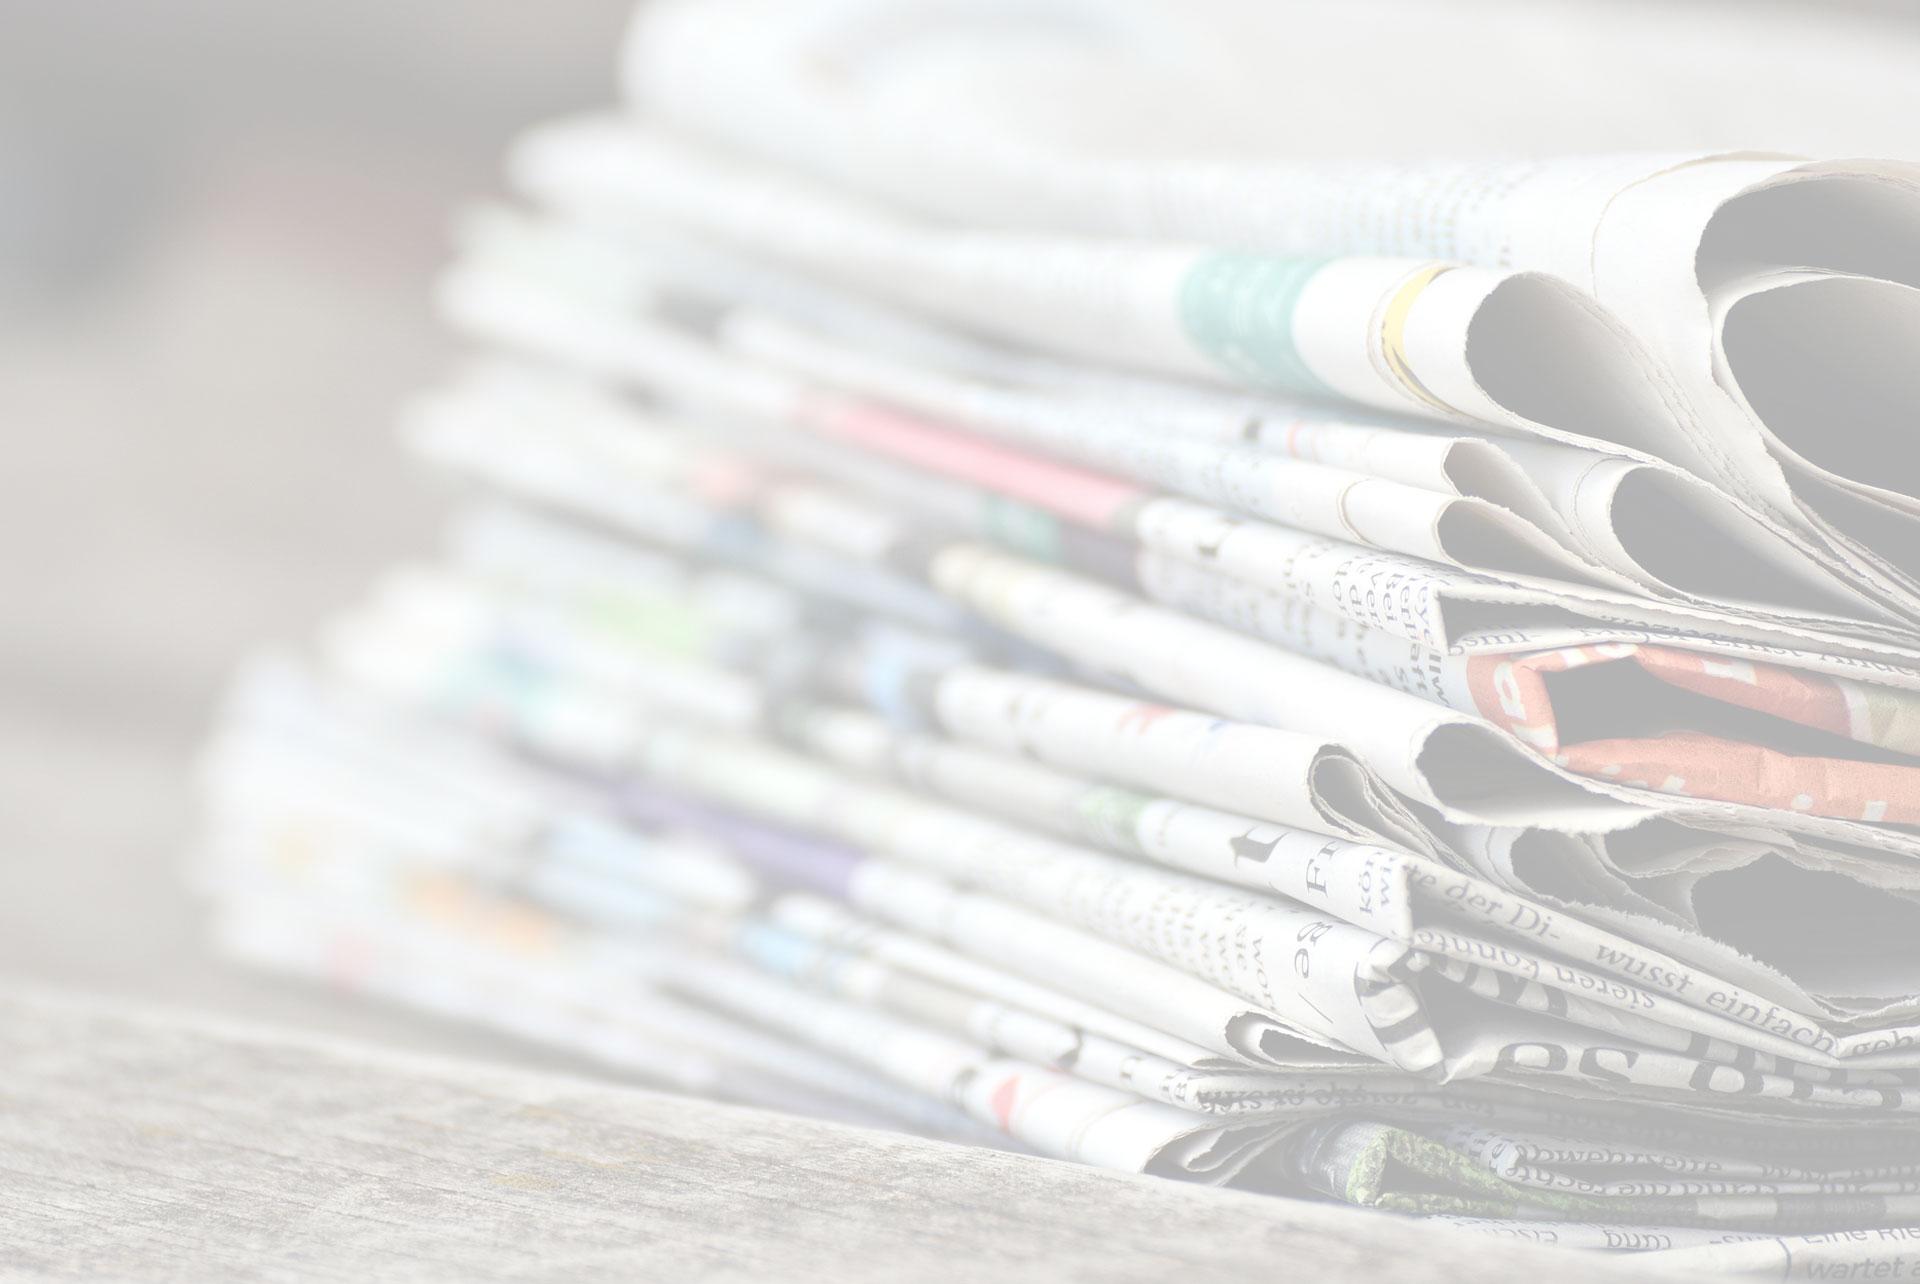 problemi audio widows 10